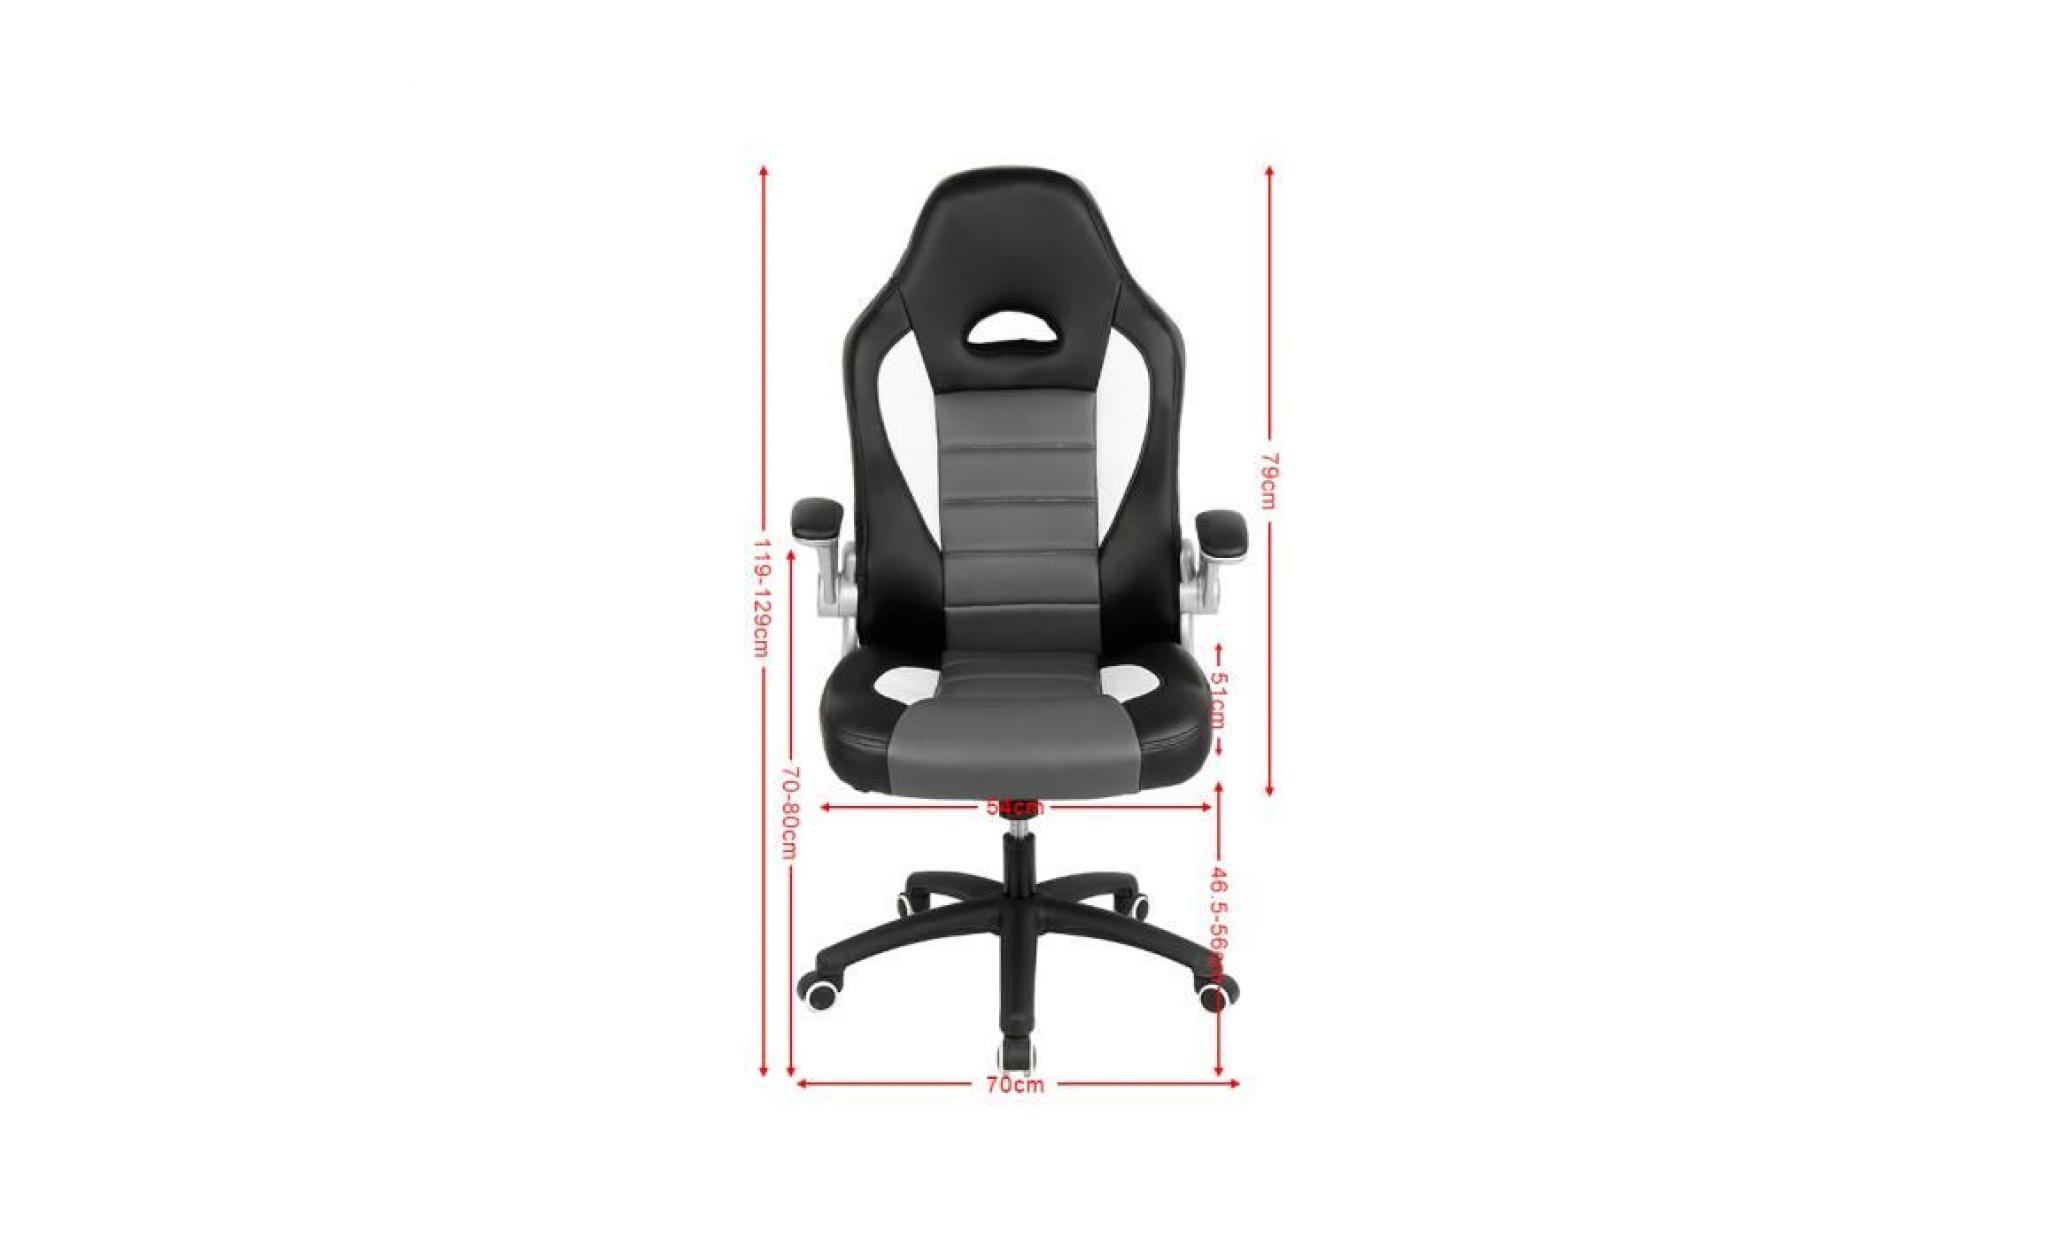 de 129cmbonachat 119 bureau regable hauteur fauteuil L45jAR